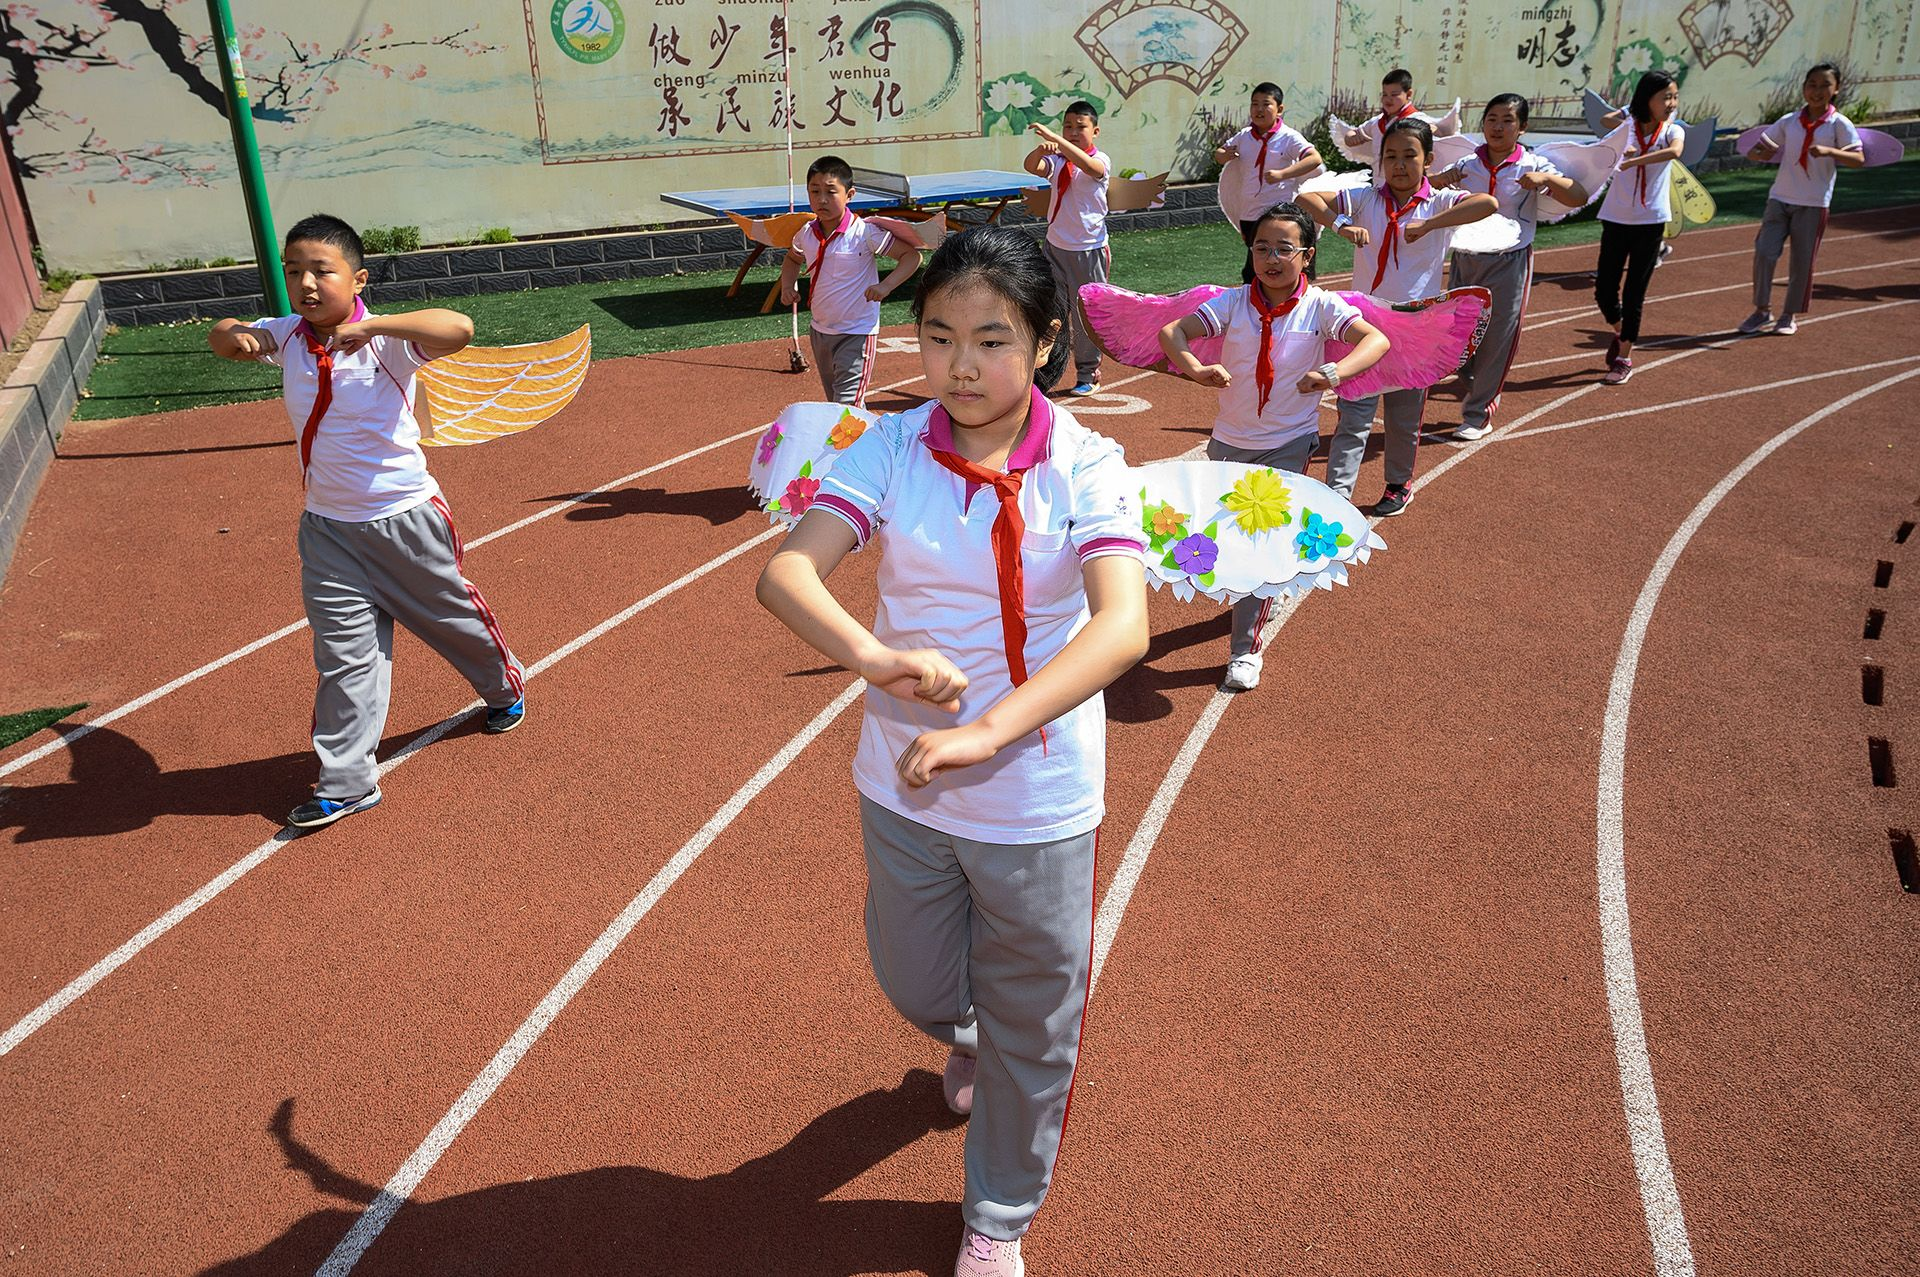 A dél-kínai város tanárai a szülőket kérték meg, hogy készítsék el a szárnyakat.